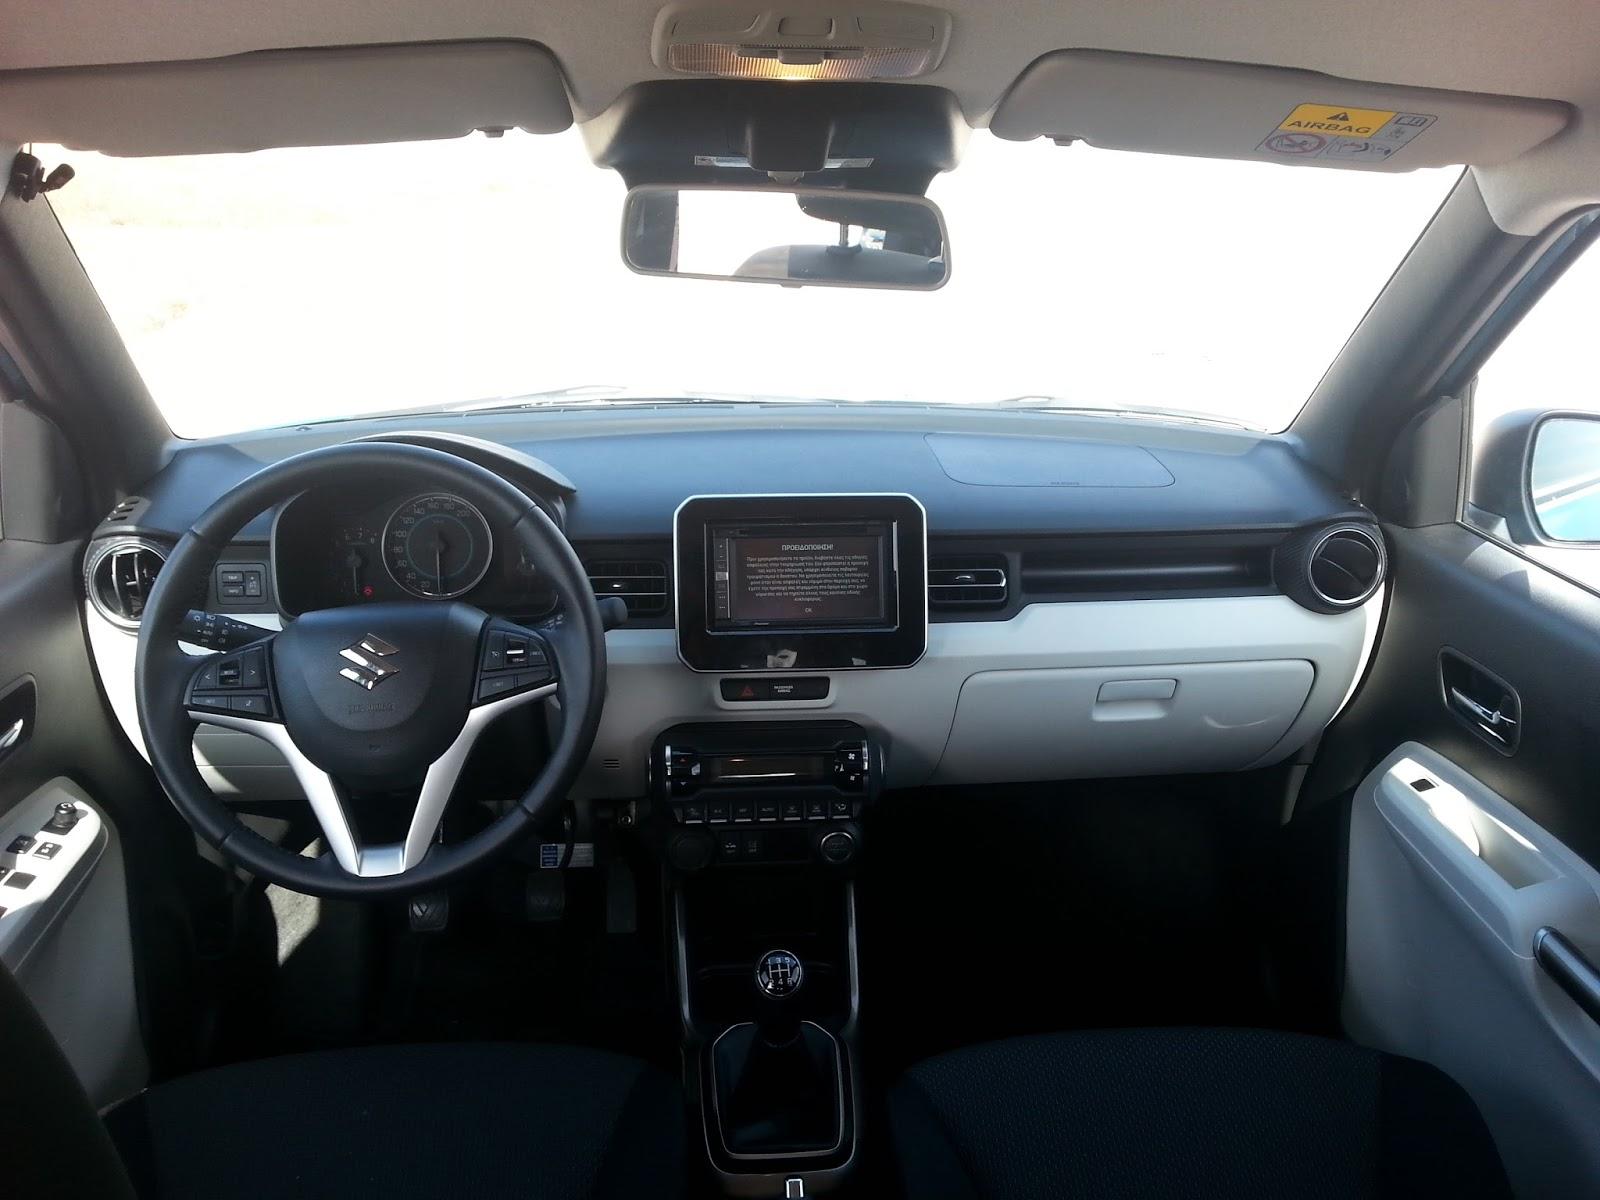 7 Οδηγούμε το Suzuki Ignis 1,2 dualjet Ignis, Suzuki, TEST, ΔΟΚΙΜΕΣ, οδηγούμε